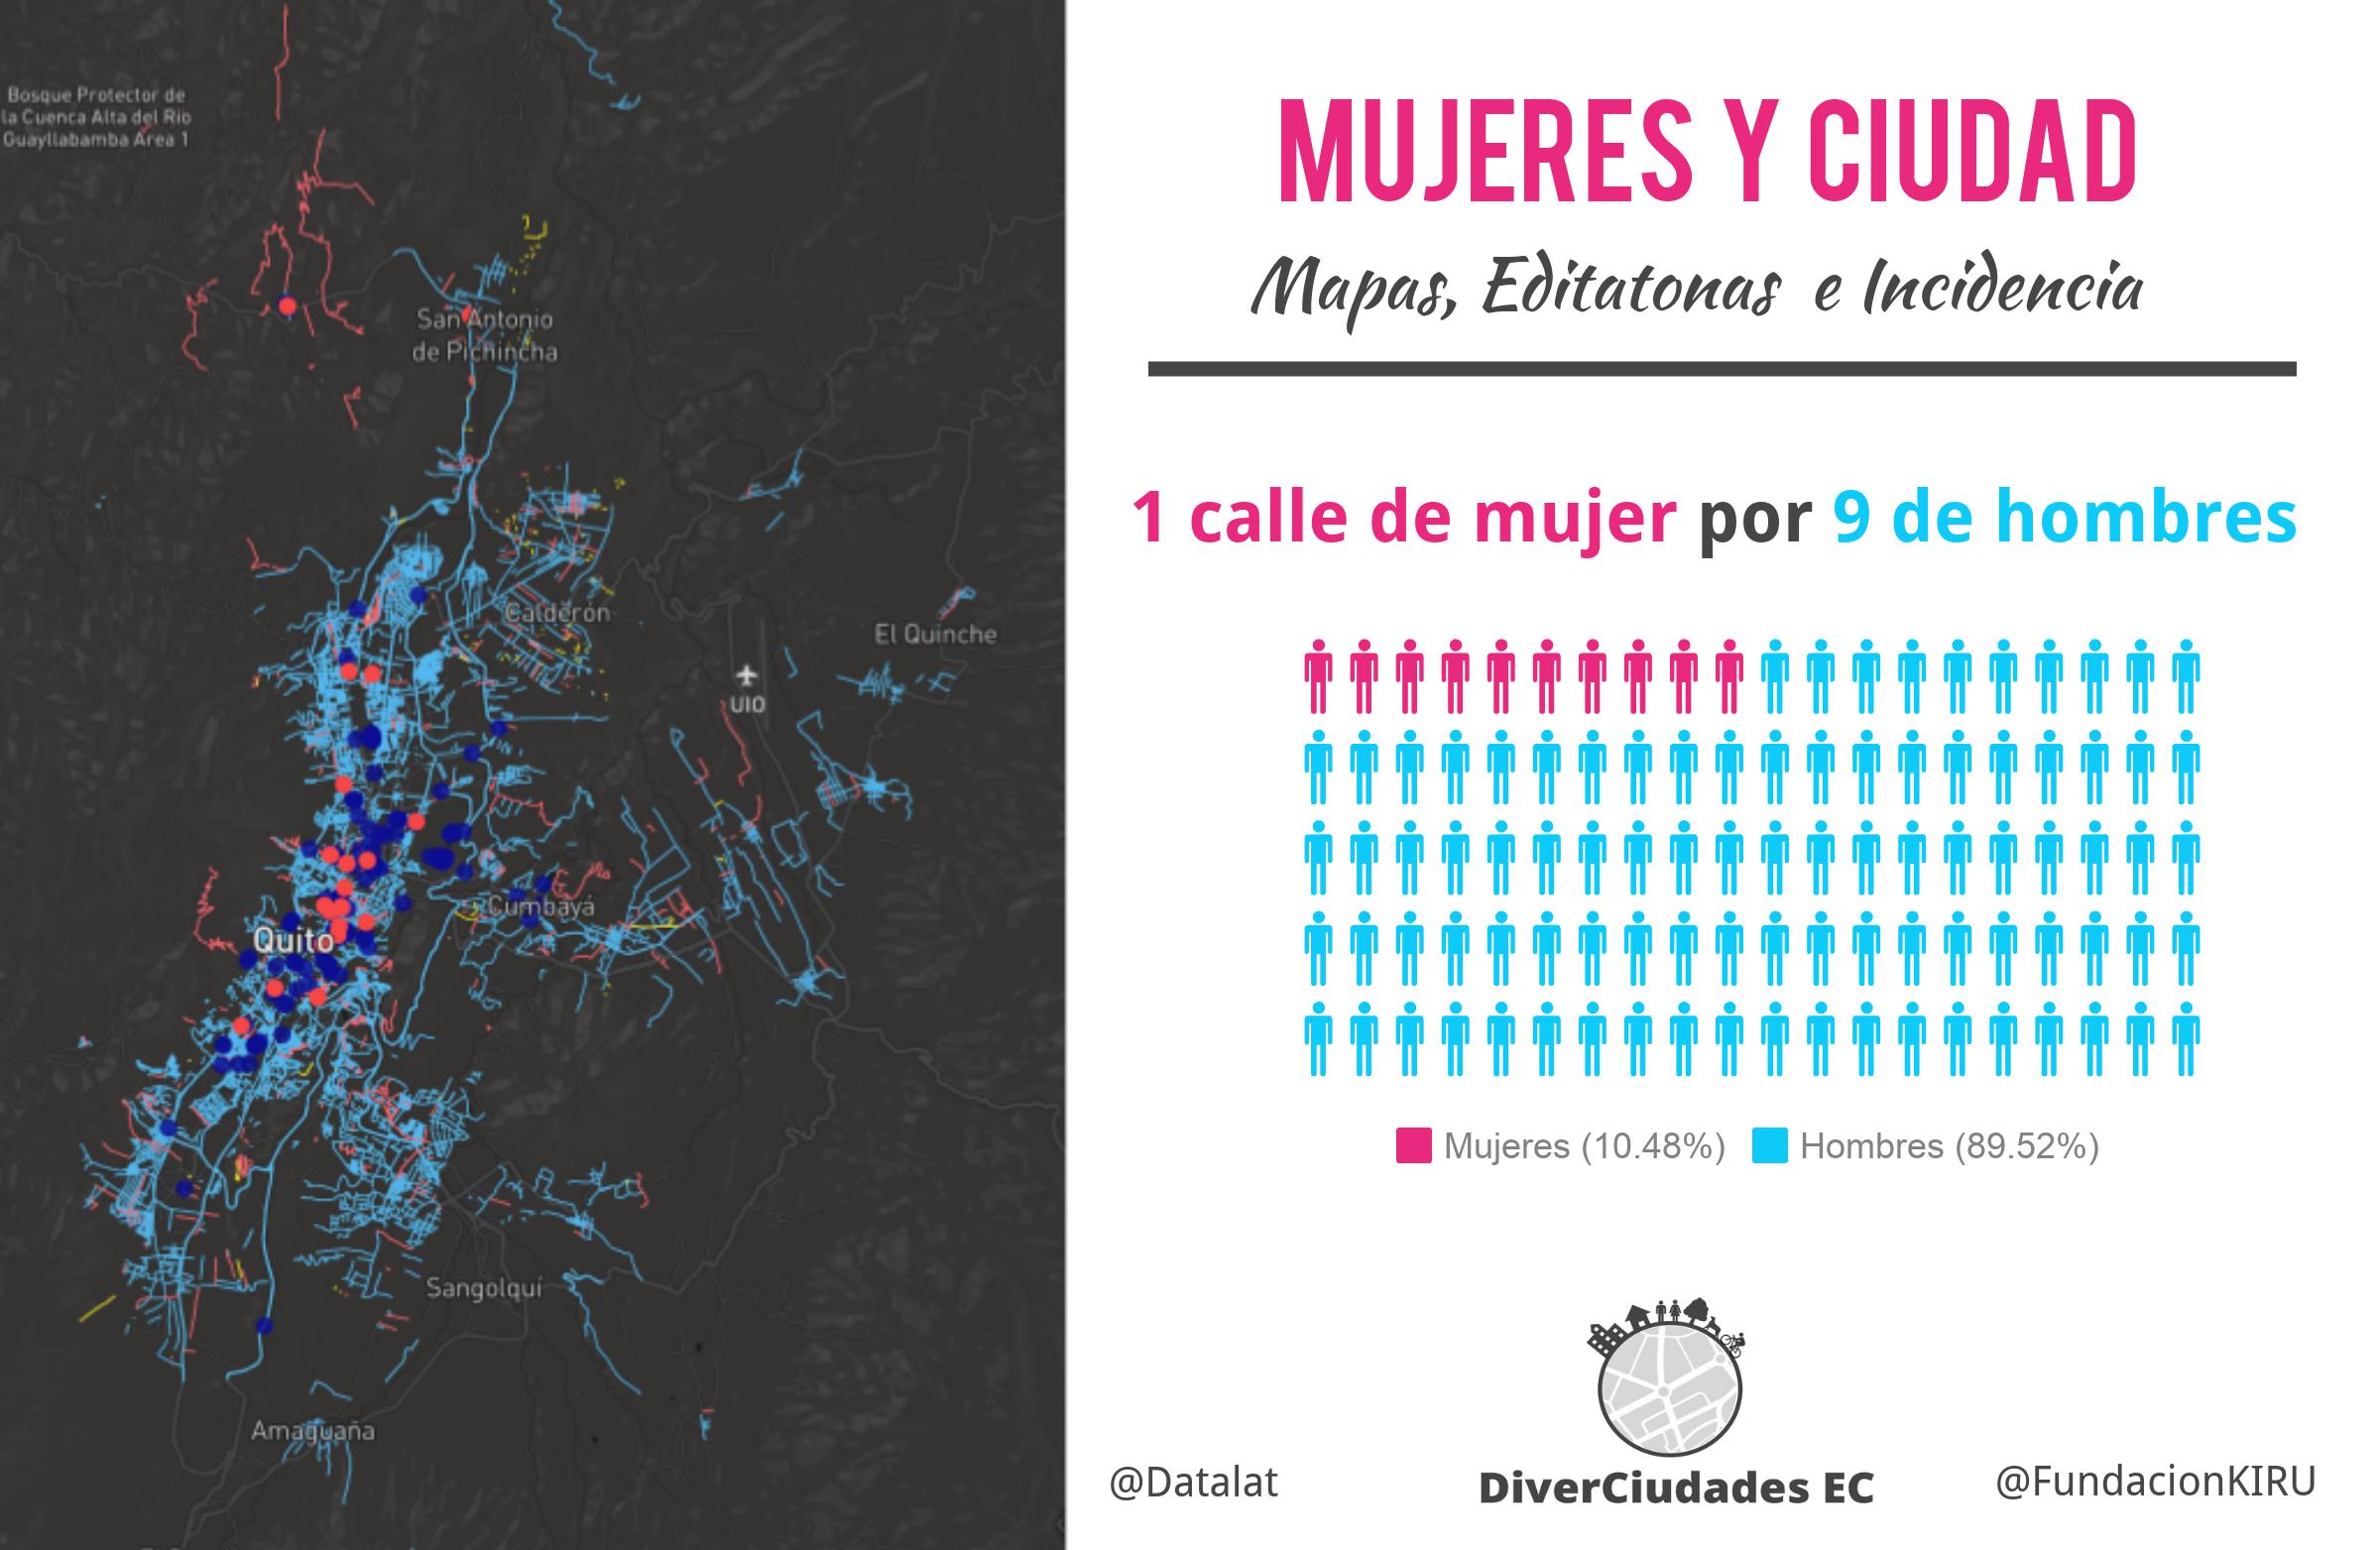 DiverCiudadesEC - DiverCiudadesEC es una plataforma a ser lanzada desde Fundación KIRU y Datalat. Martín Loza, parte del proyecto nos contó el proceso y la información que han recolectado sobre las calles de la ciudad y cómo están visivilizando el rol de mujer en el espacio público, además de futuras editatonas y otras actividades del proyecto. El lanzamiento de la plataforma es el 9 de junio.